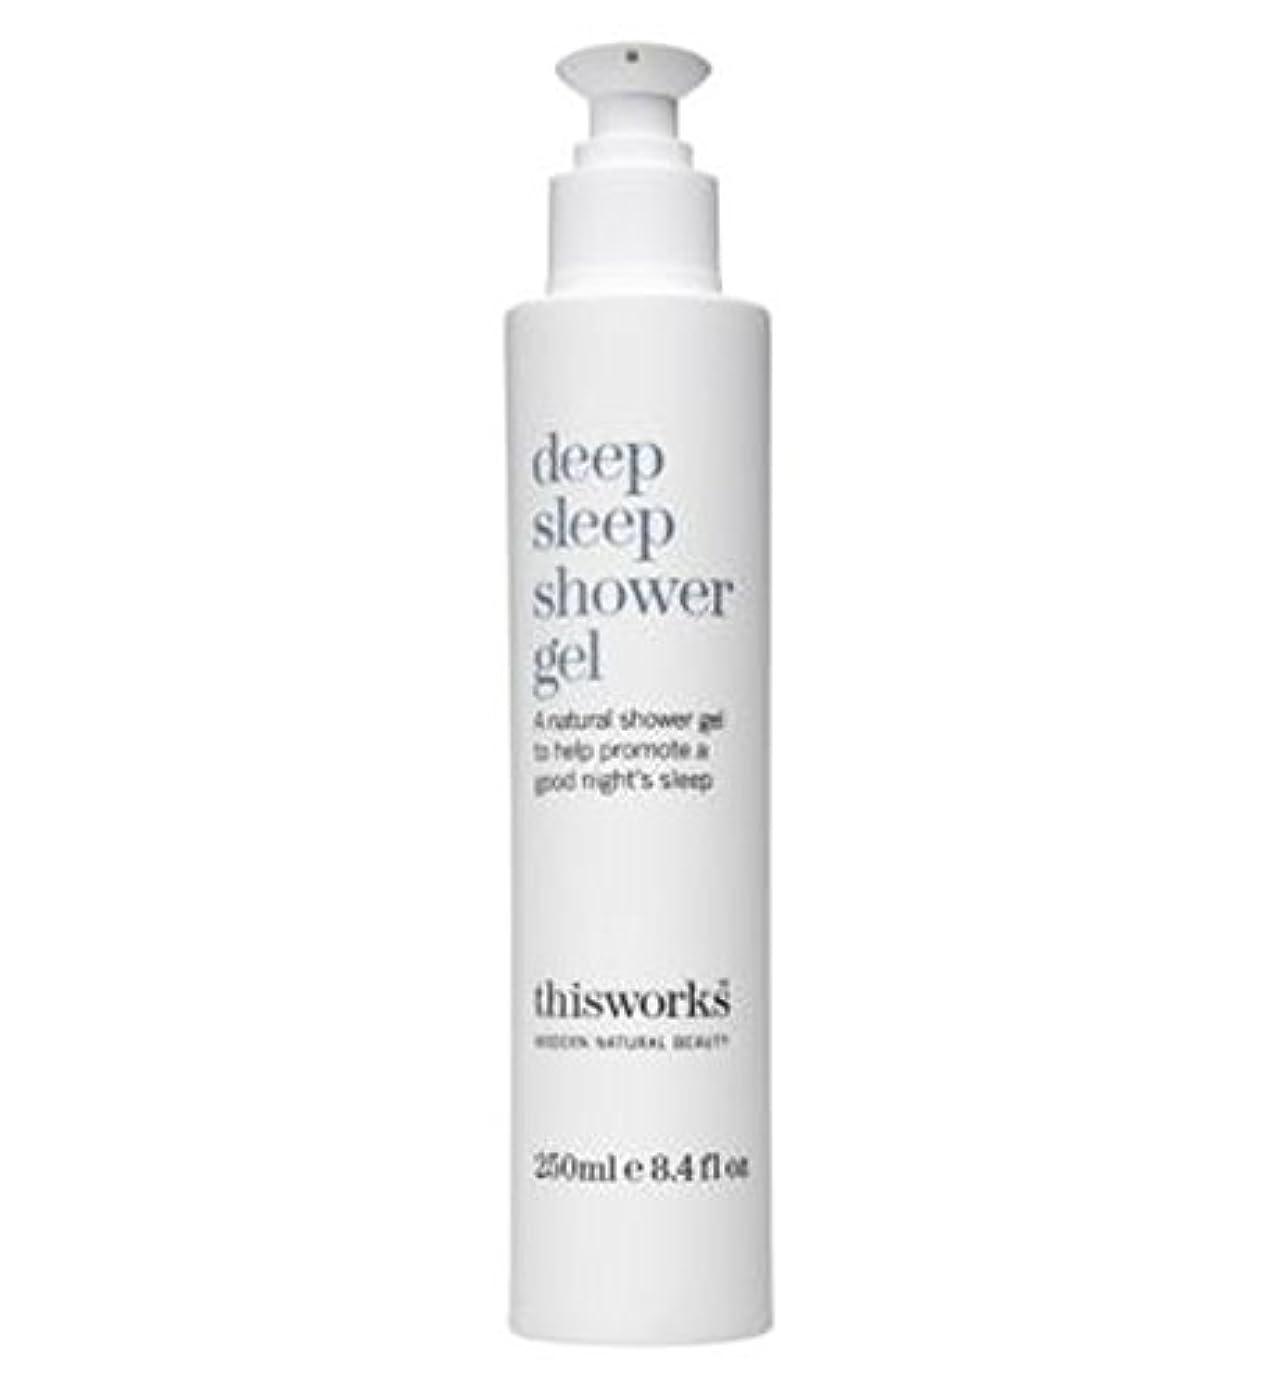 相対サイズ洗練された勝利したthis works deep sleep shower gel 250ml - これは、深い眠りシャワージェル250ミリリットルの作品 (This Works) [並行輸入品]